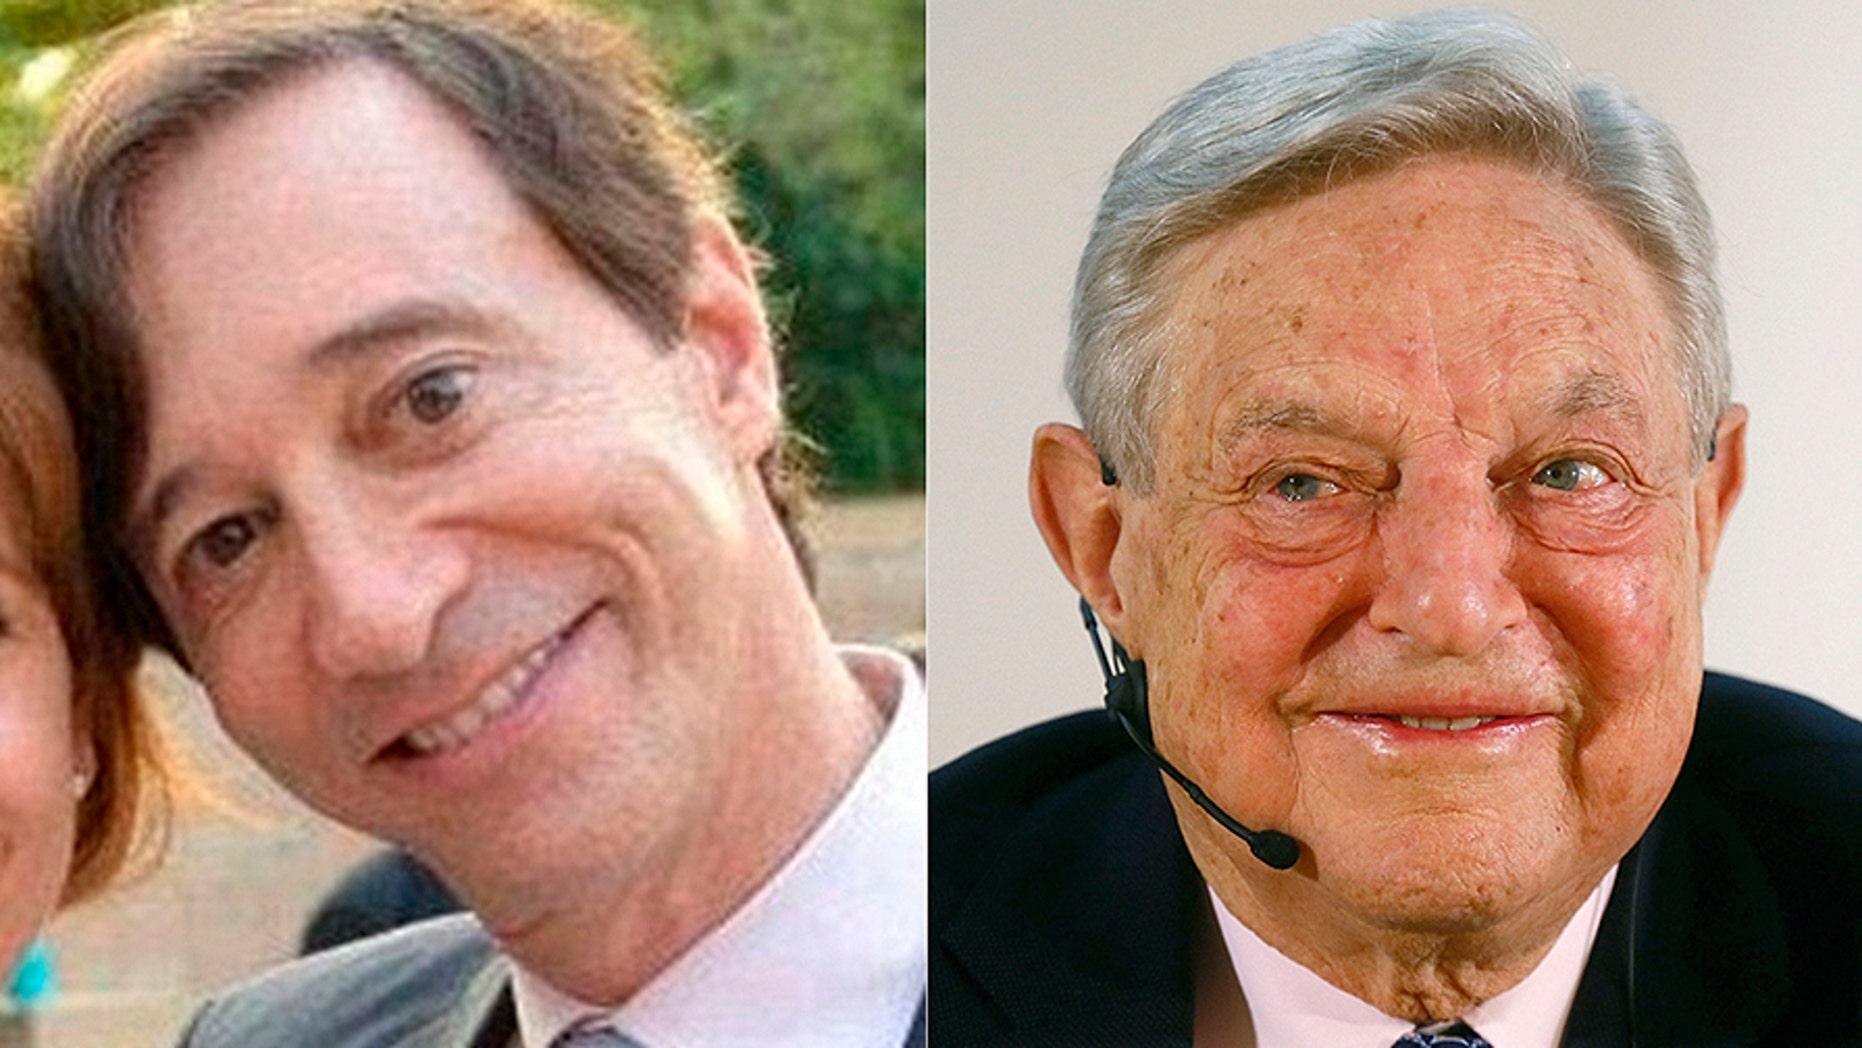 Howie Rubin and George Soros